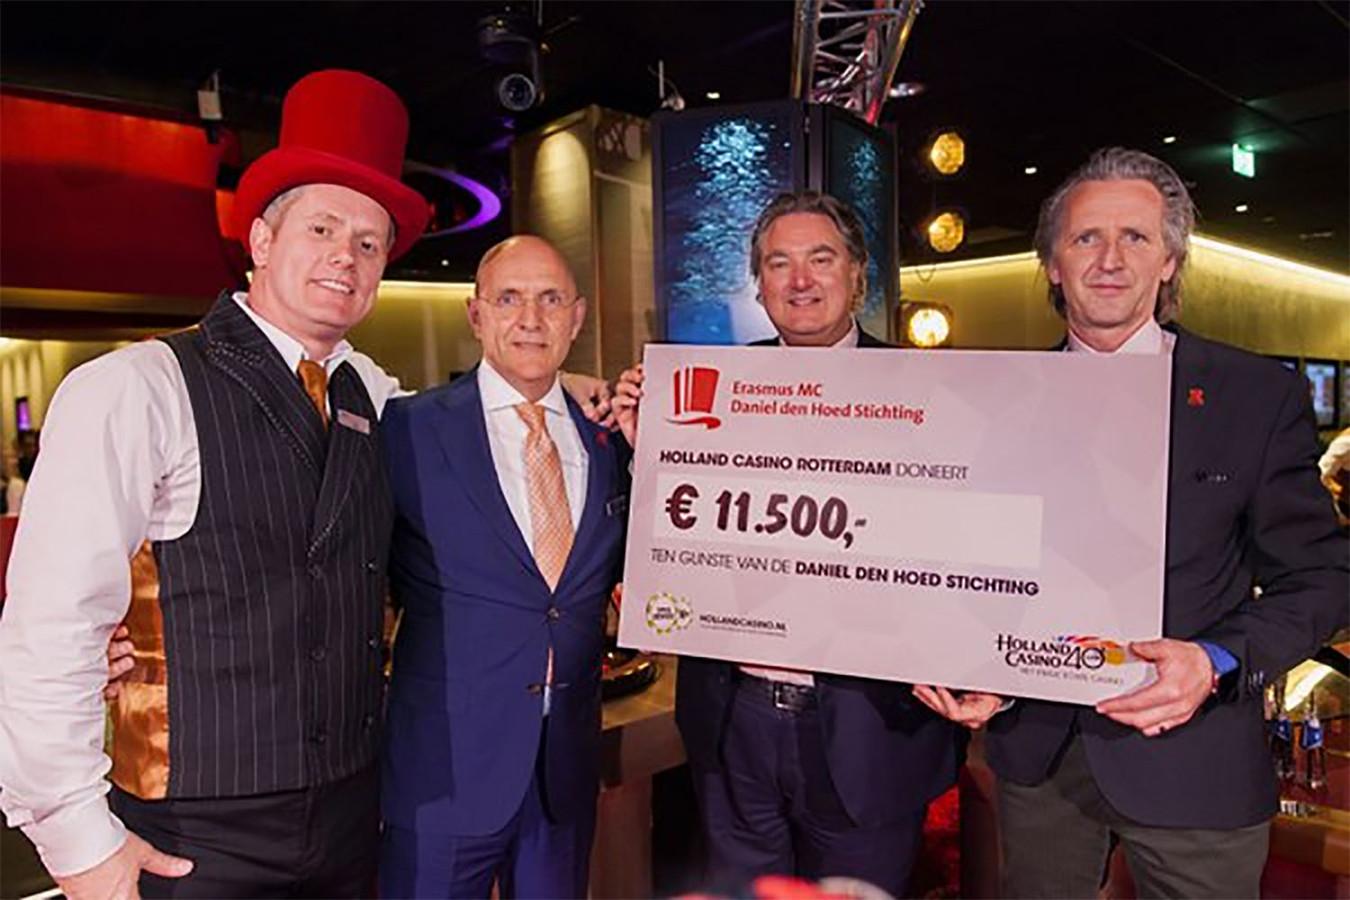 Directeur van Holland Casino Erwin van Lambaart en de Rotterdamse casinomanager Peter Voolstra overhandigen een cheque aan professor Leendert Looijenga van de Daniel den Hoed Stichting.